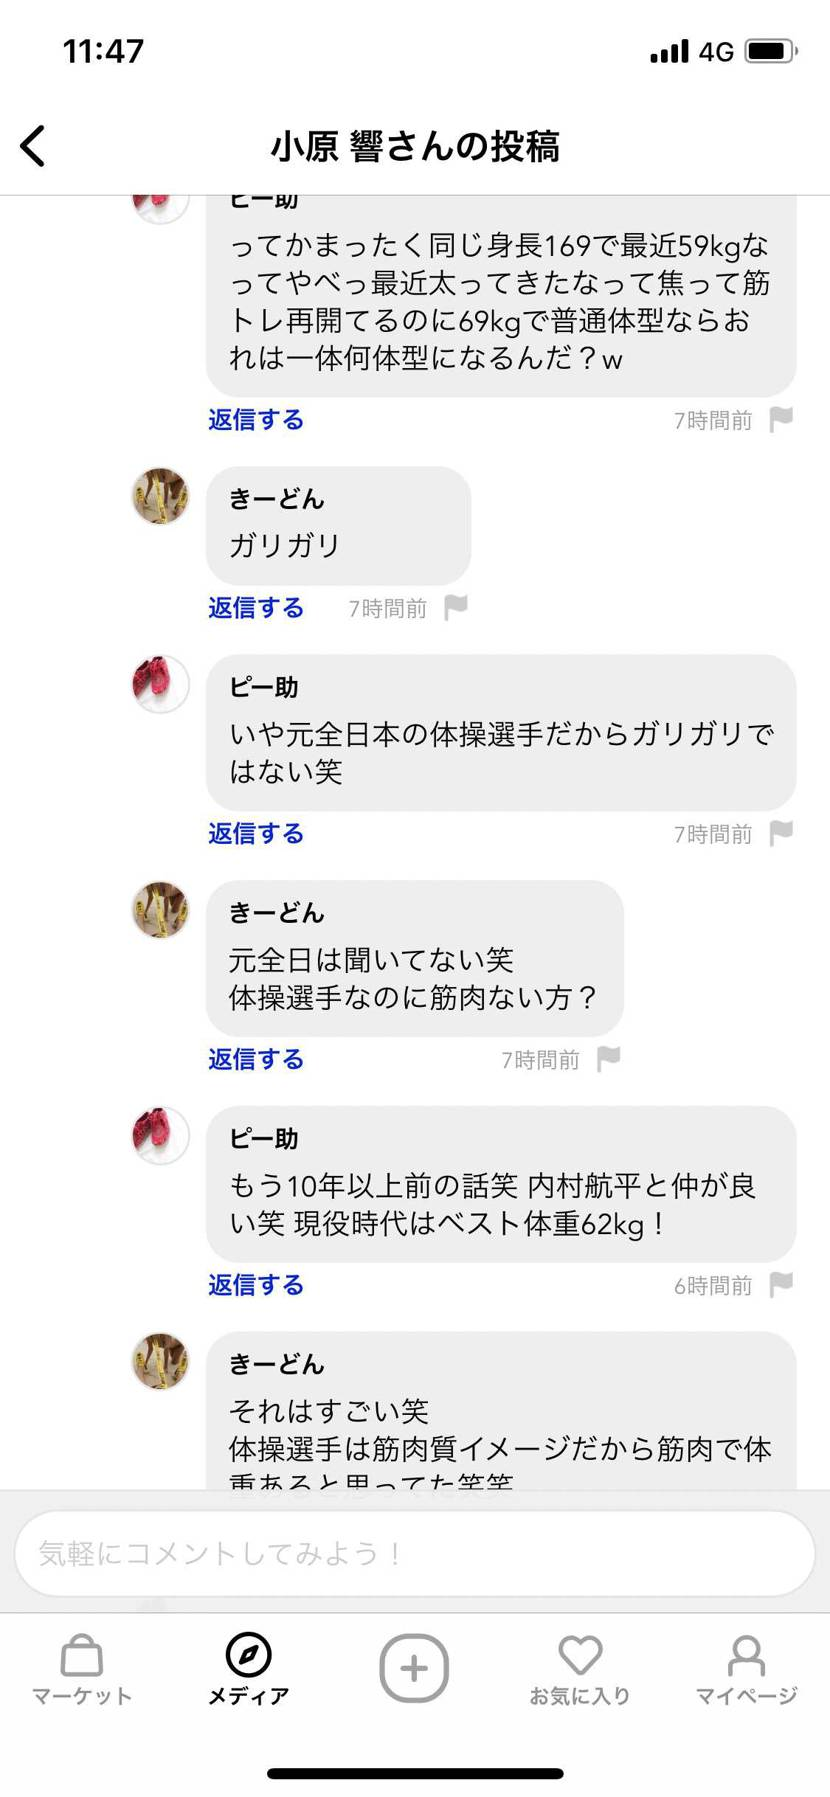 元全日本の体操の選手で内村航平と仲がいいって自慢俺もしていいですか?